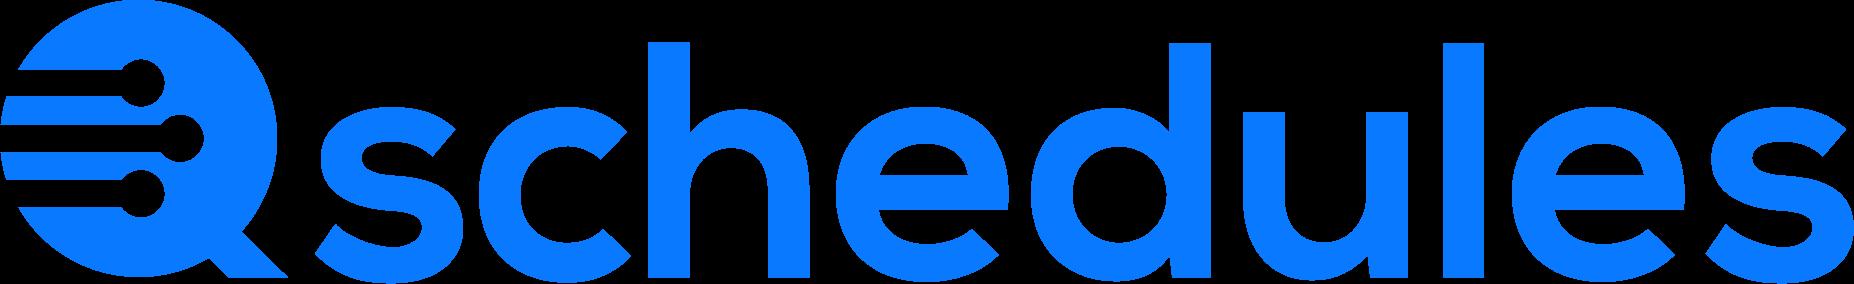 QwykSchedules Logo